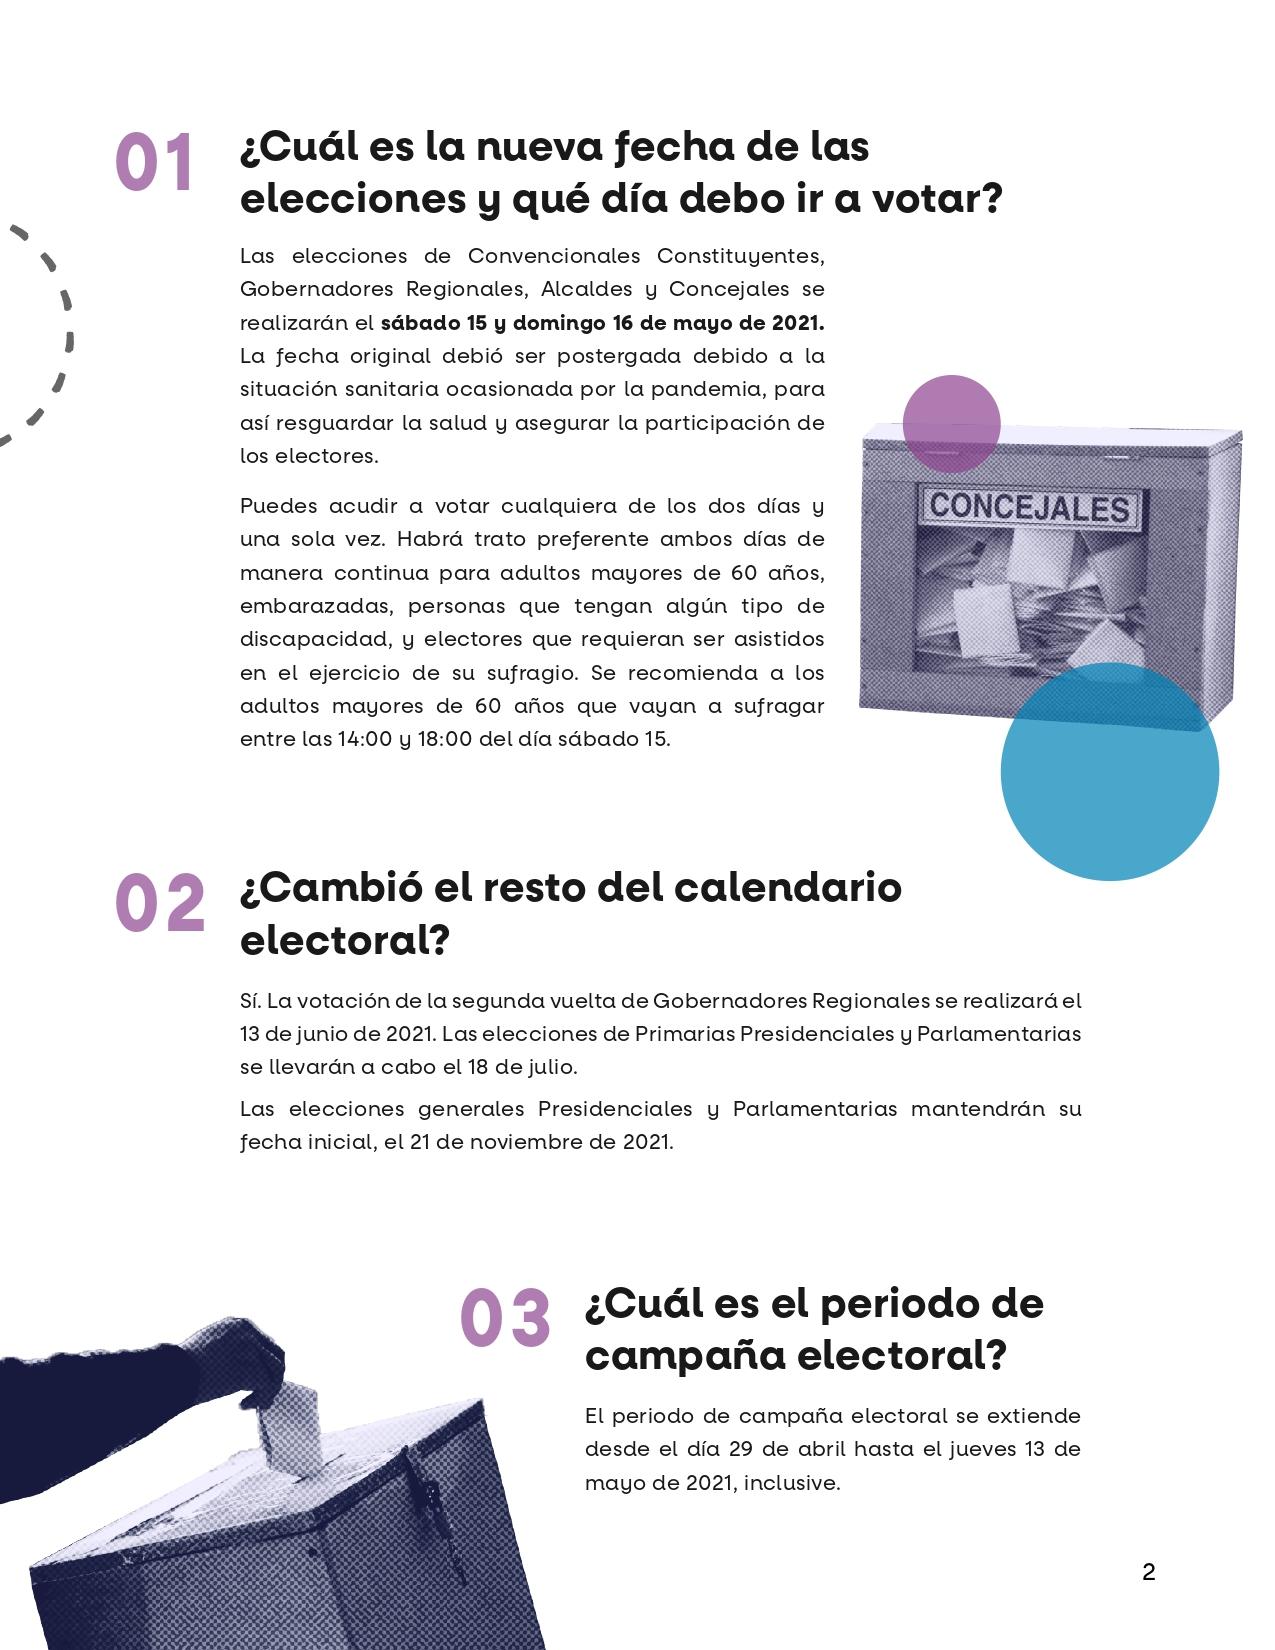 210506 Guía elección 15 y 16 mayo v3_page-0002